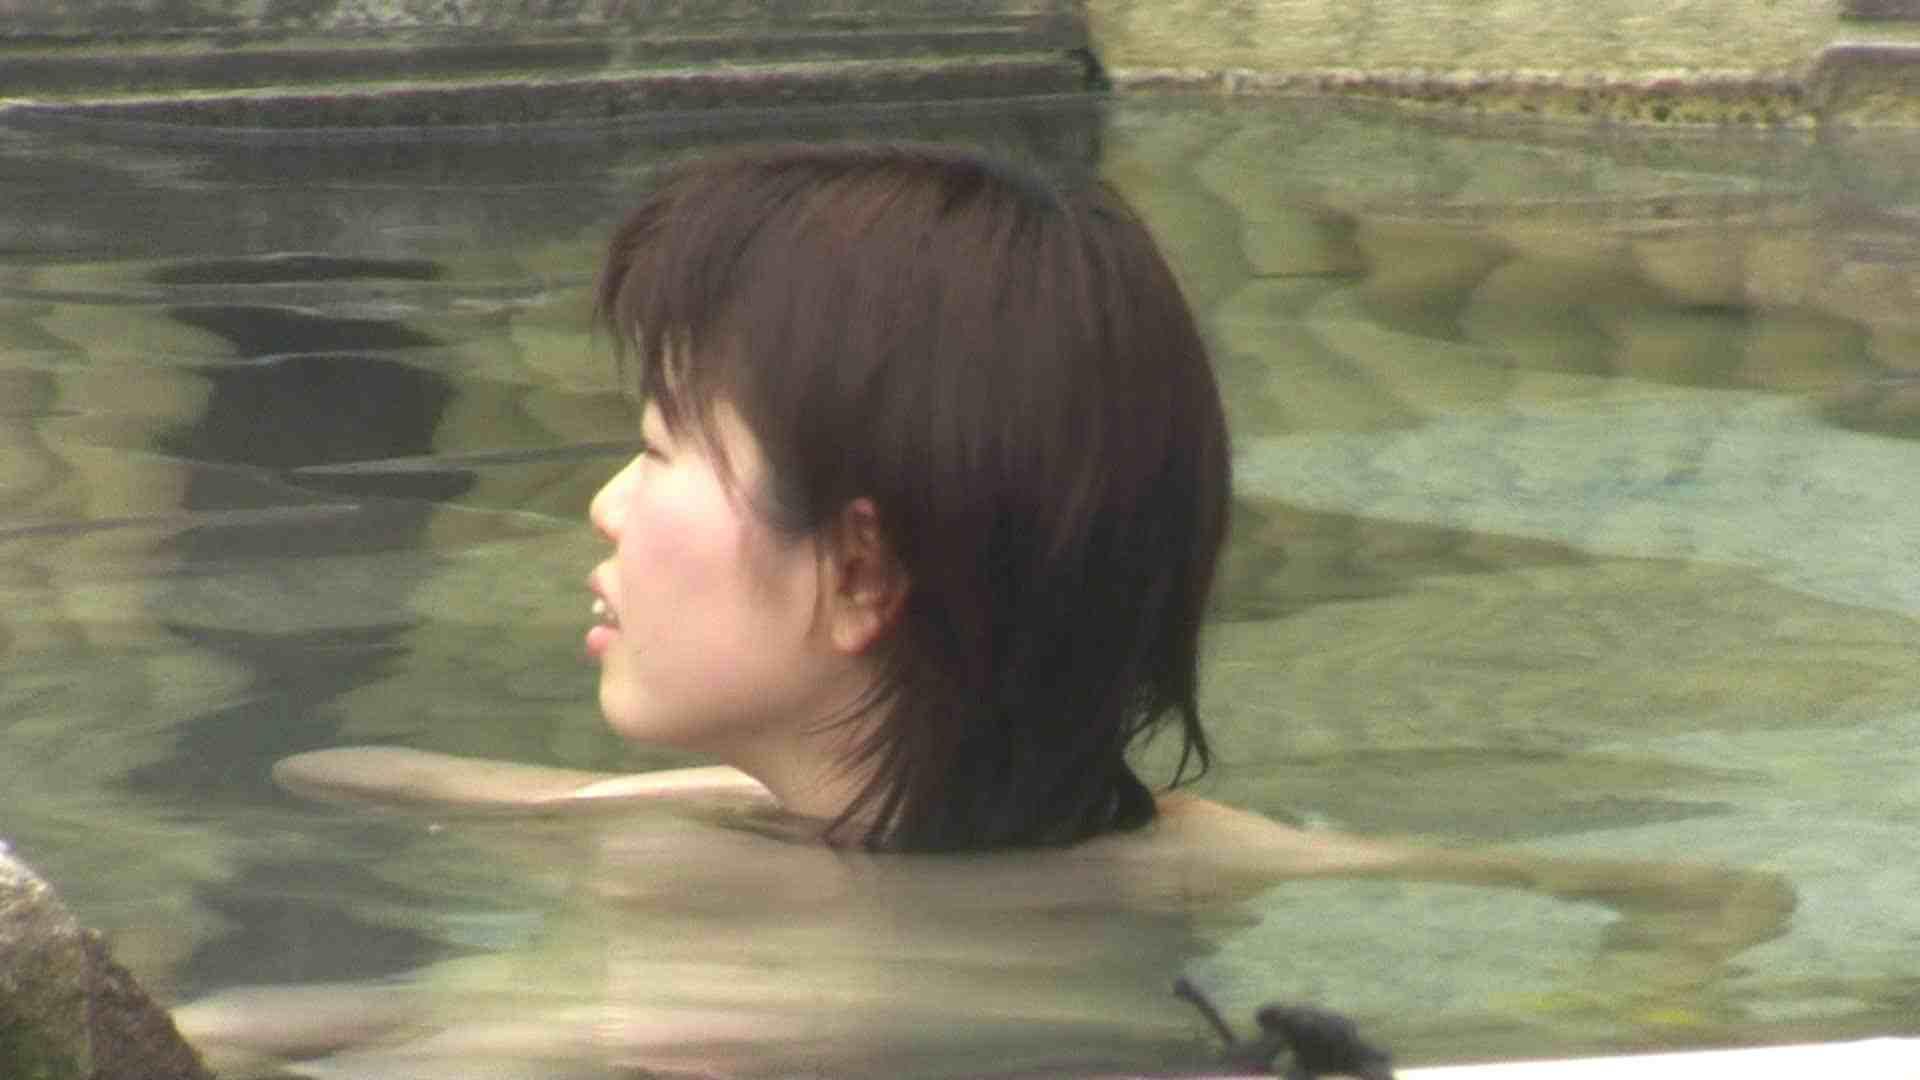 Aquaな露天風呂Vol.675 盗撮 | OLのエロ生活  53連発 16